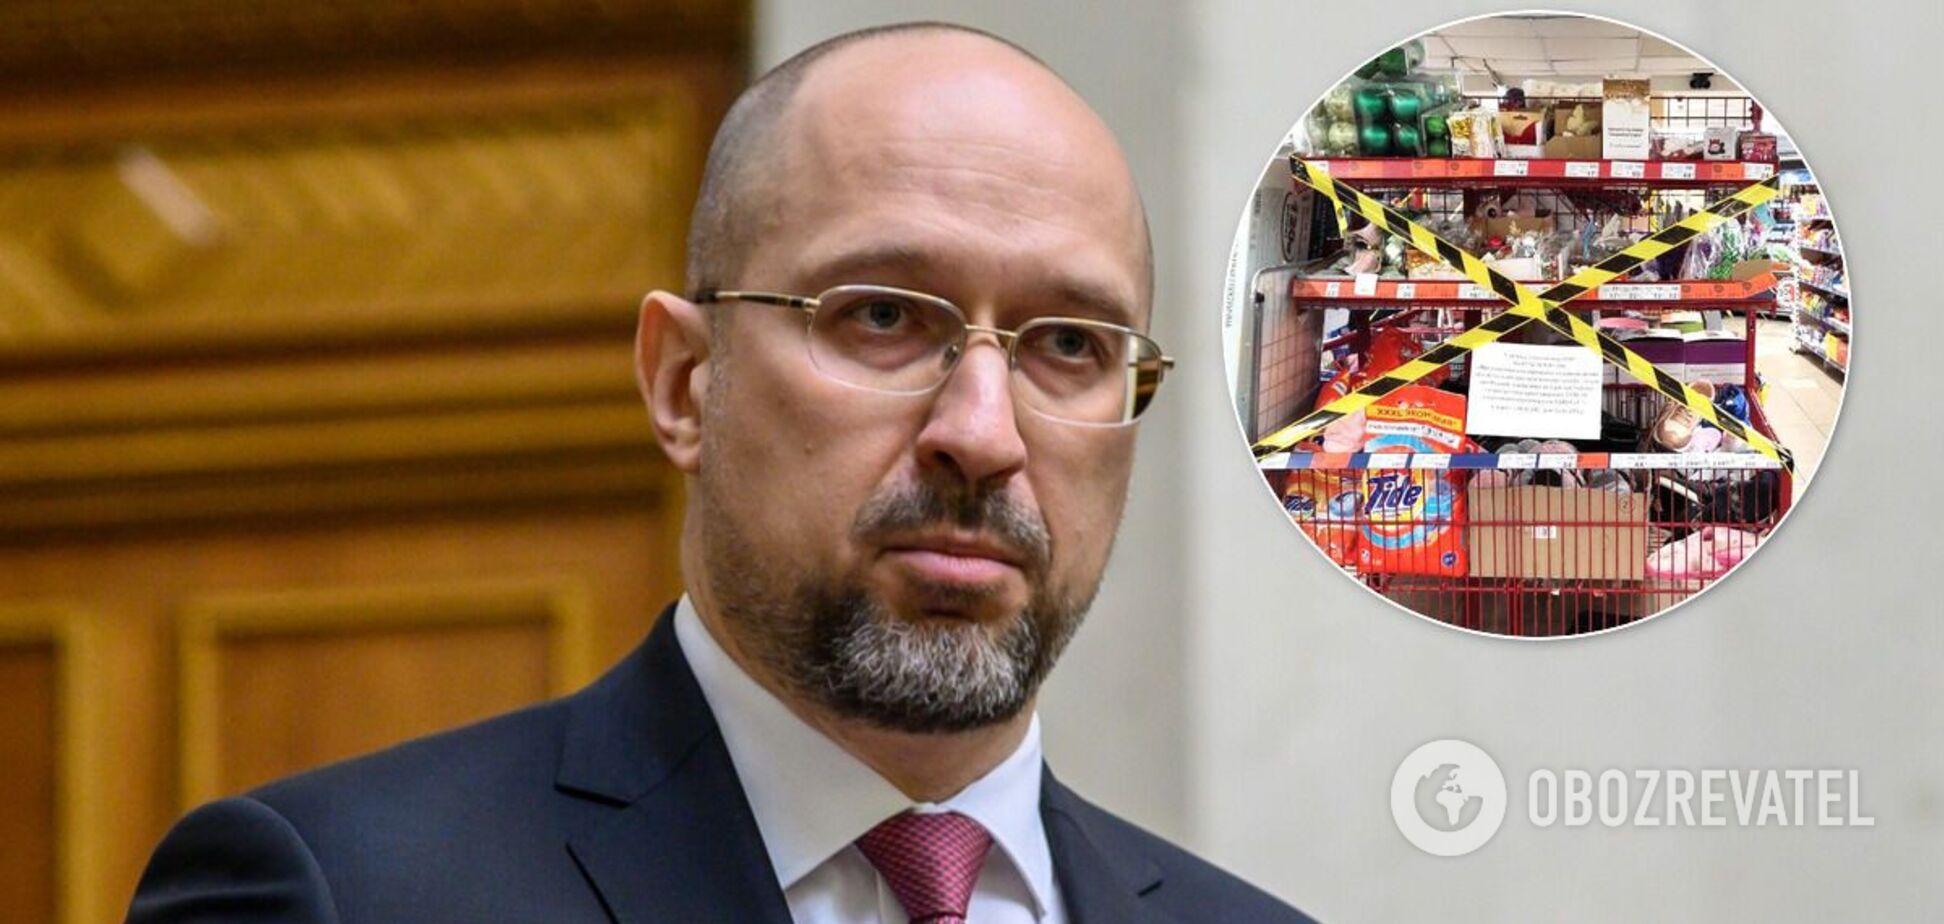 Шмыгаль объяснил запрет на продажу носков и лампочек на карантине